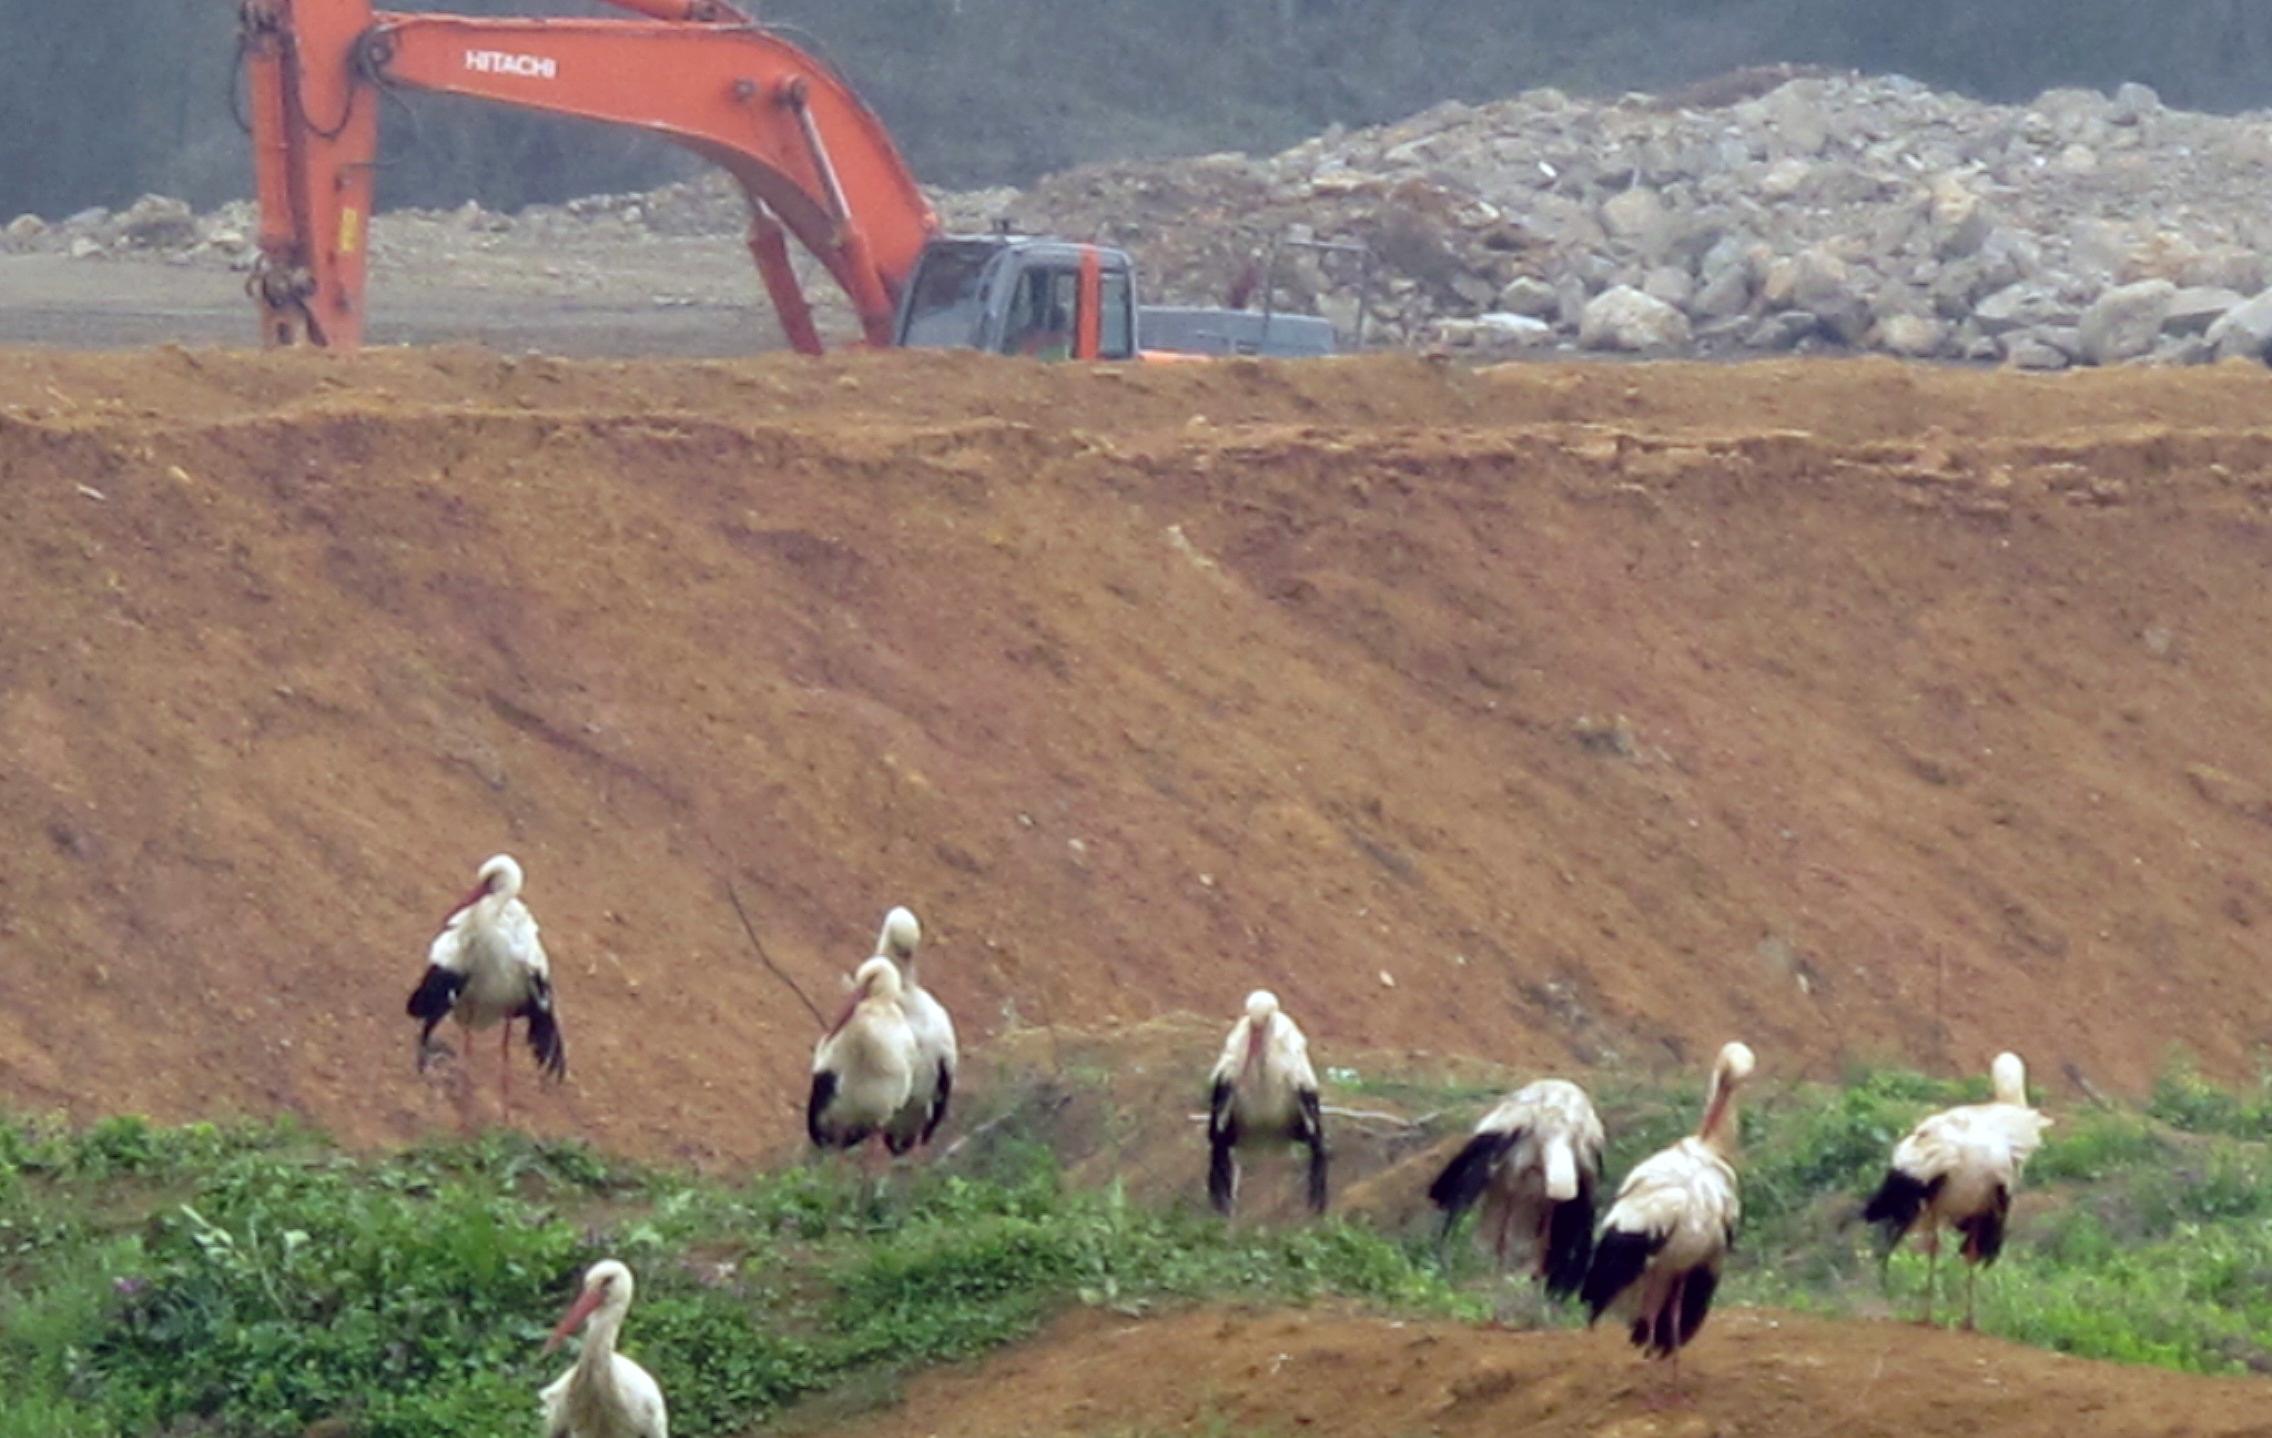 Doğa tahribatı göçmen kuşları tehdit ediyor